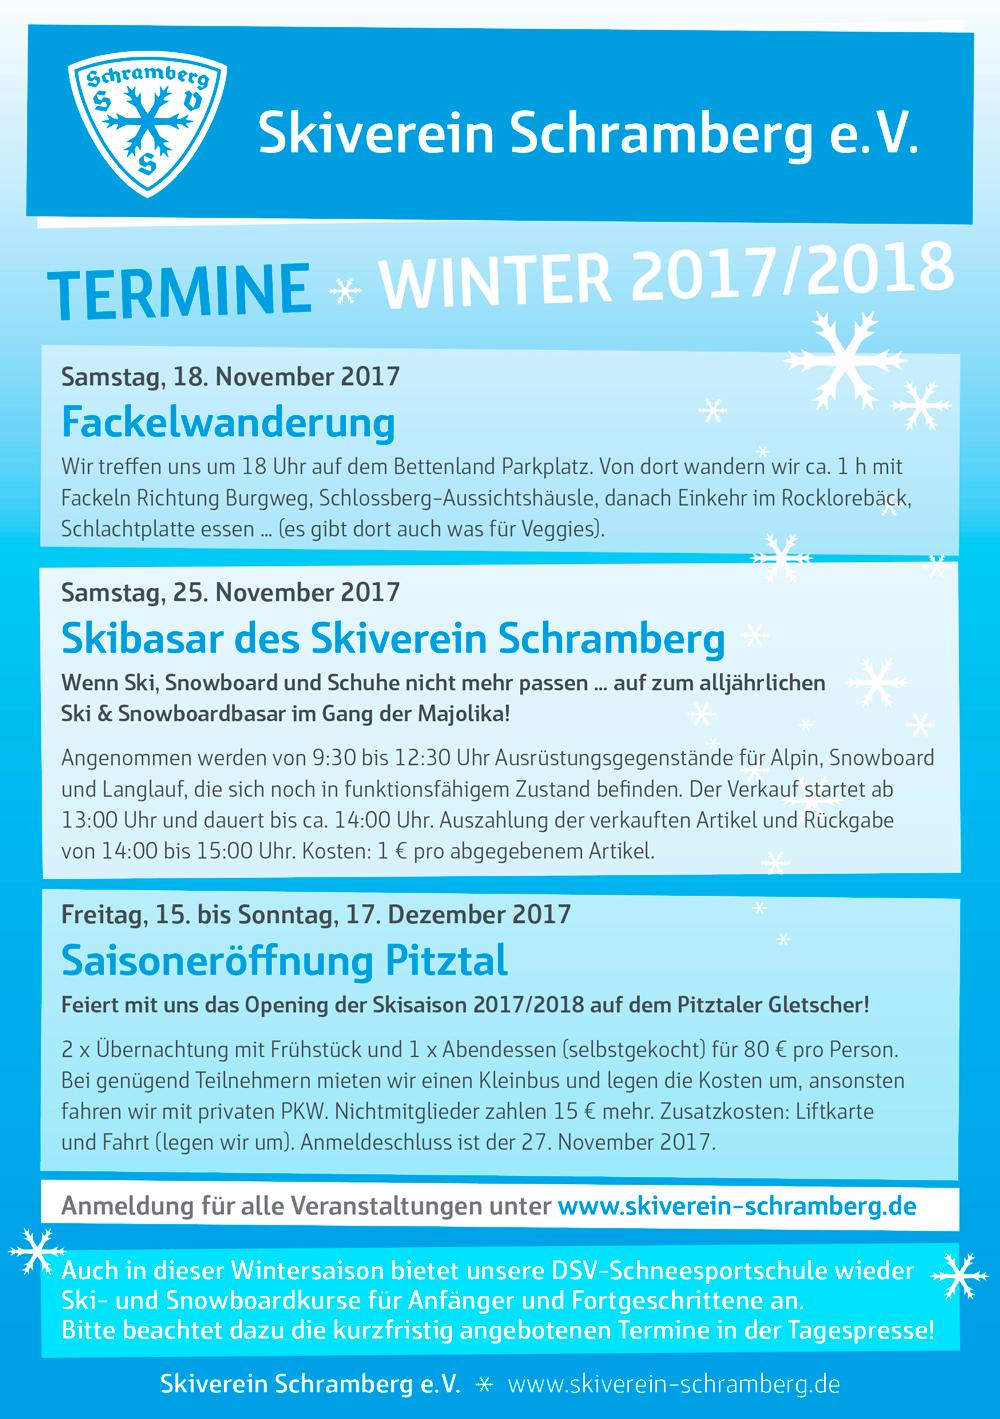 Flyer Veranstaltungen Winter 2017/18 Seite 1